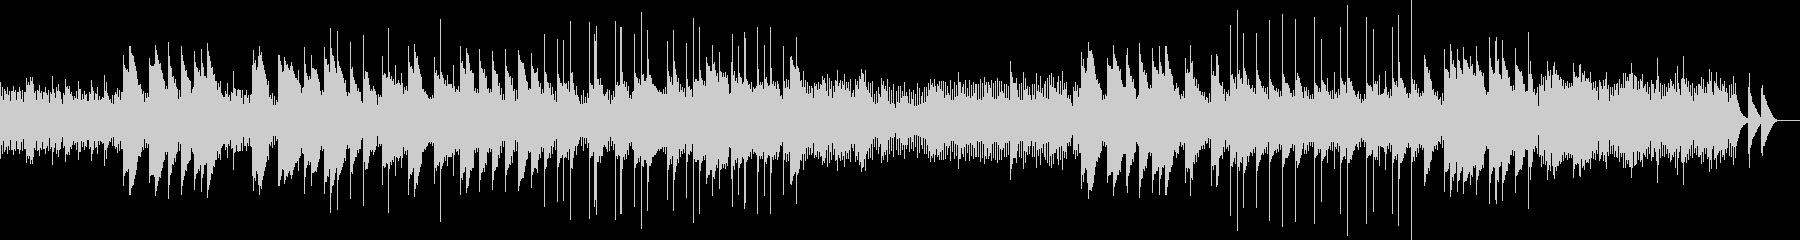 ホラー 短調のクラシック3(オルゴール)の未再生の波形